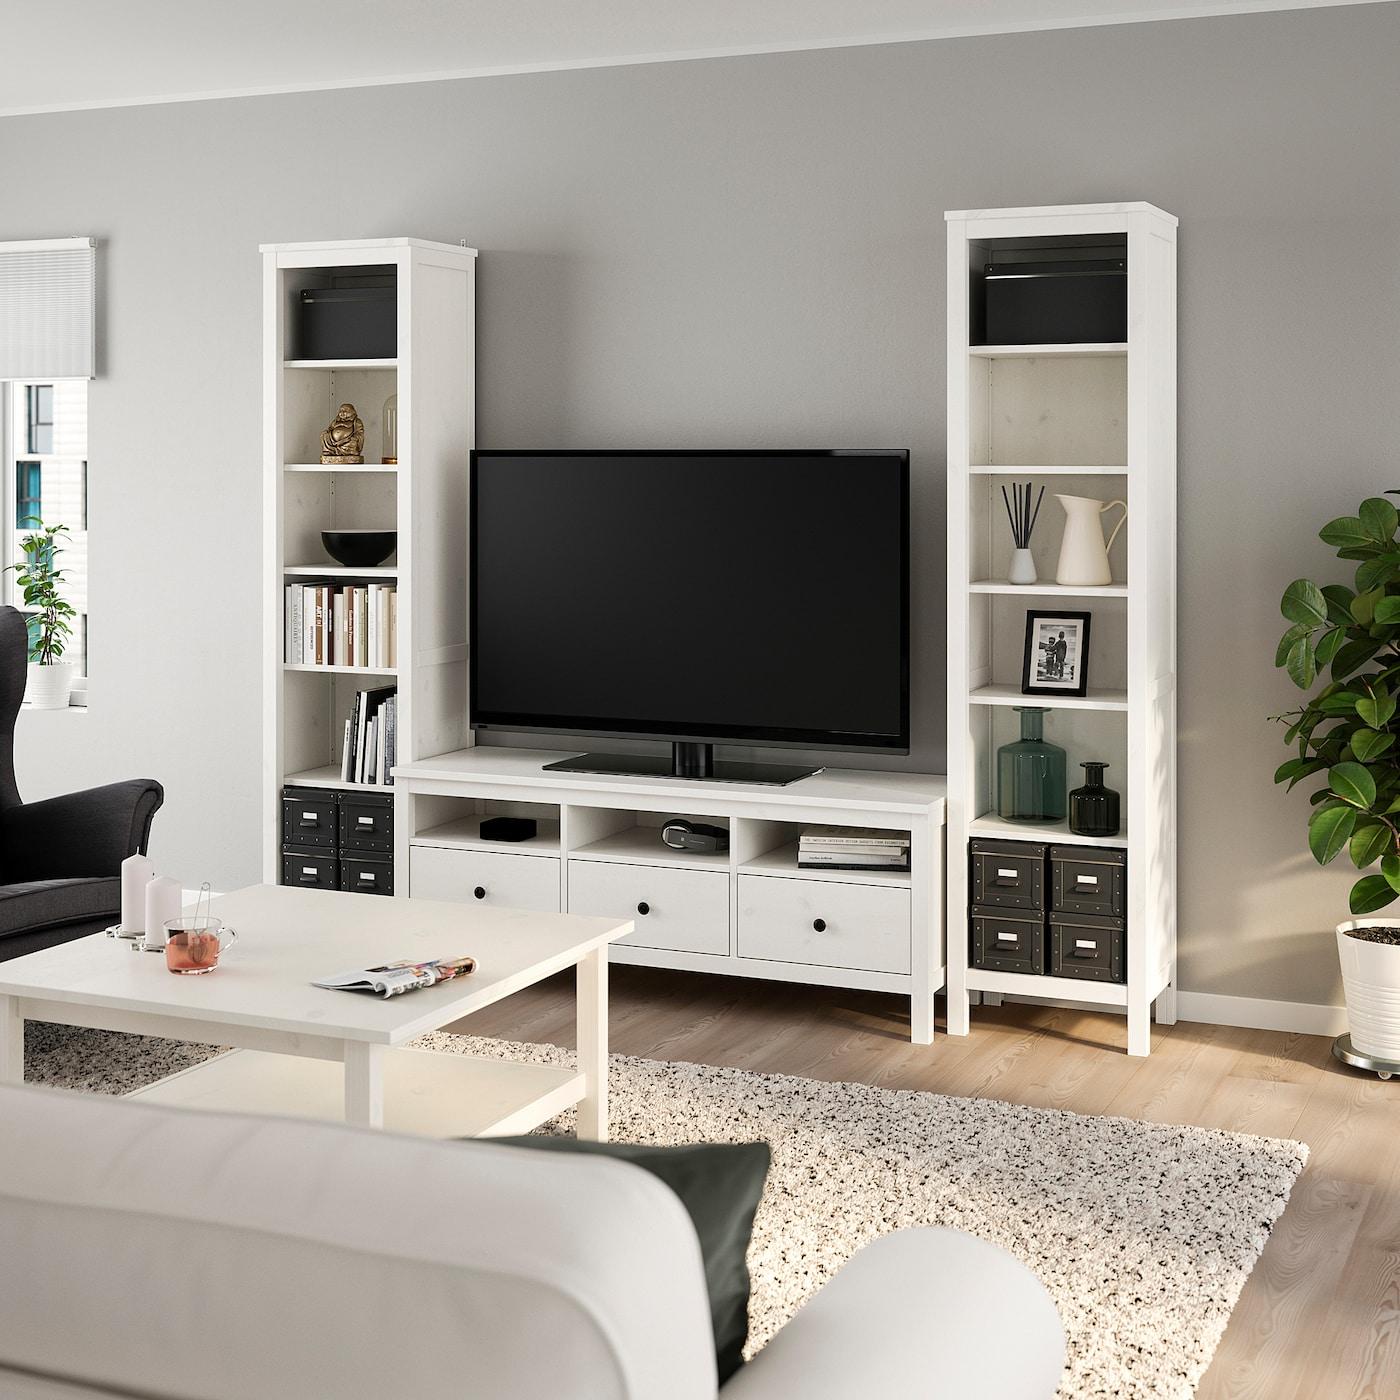 Meuble Tv Colonne Ikea hemnes combinaison meuble tv - teinté blanc 245x197 cm